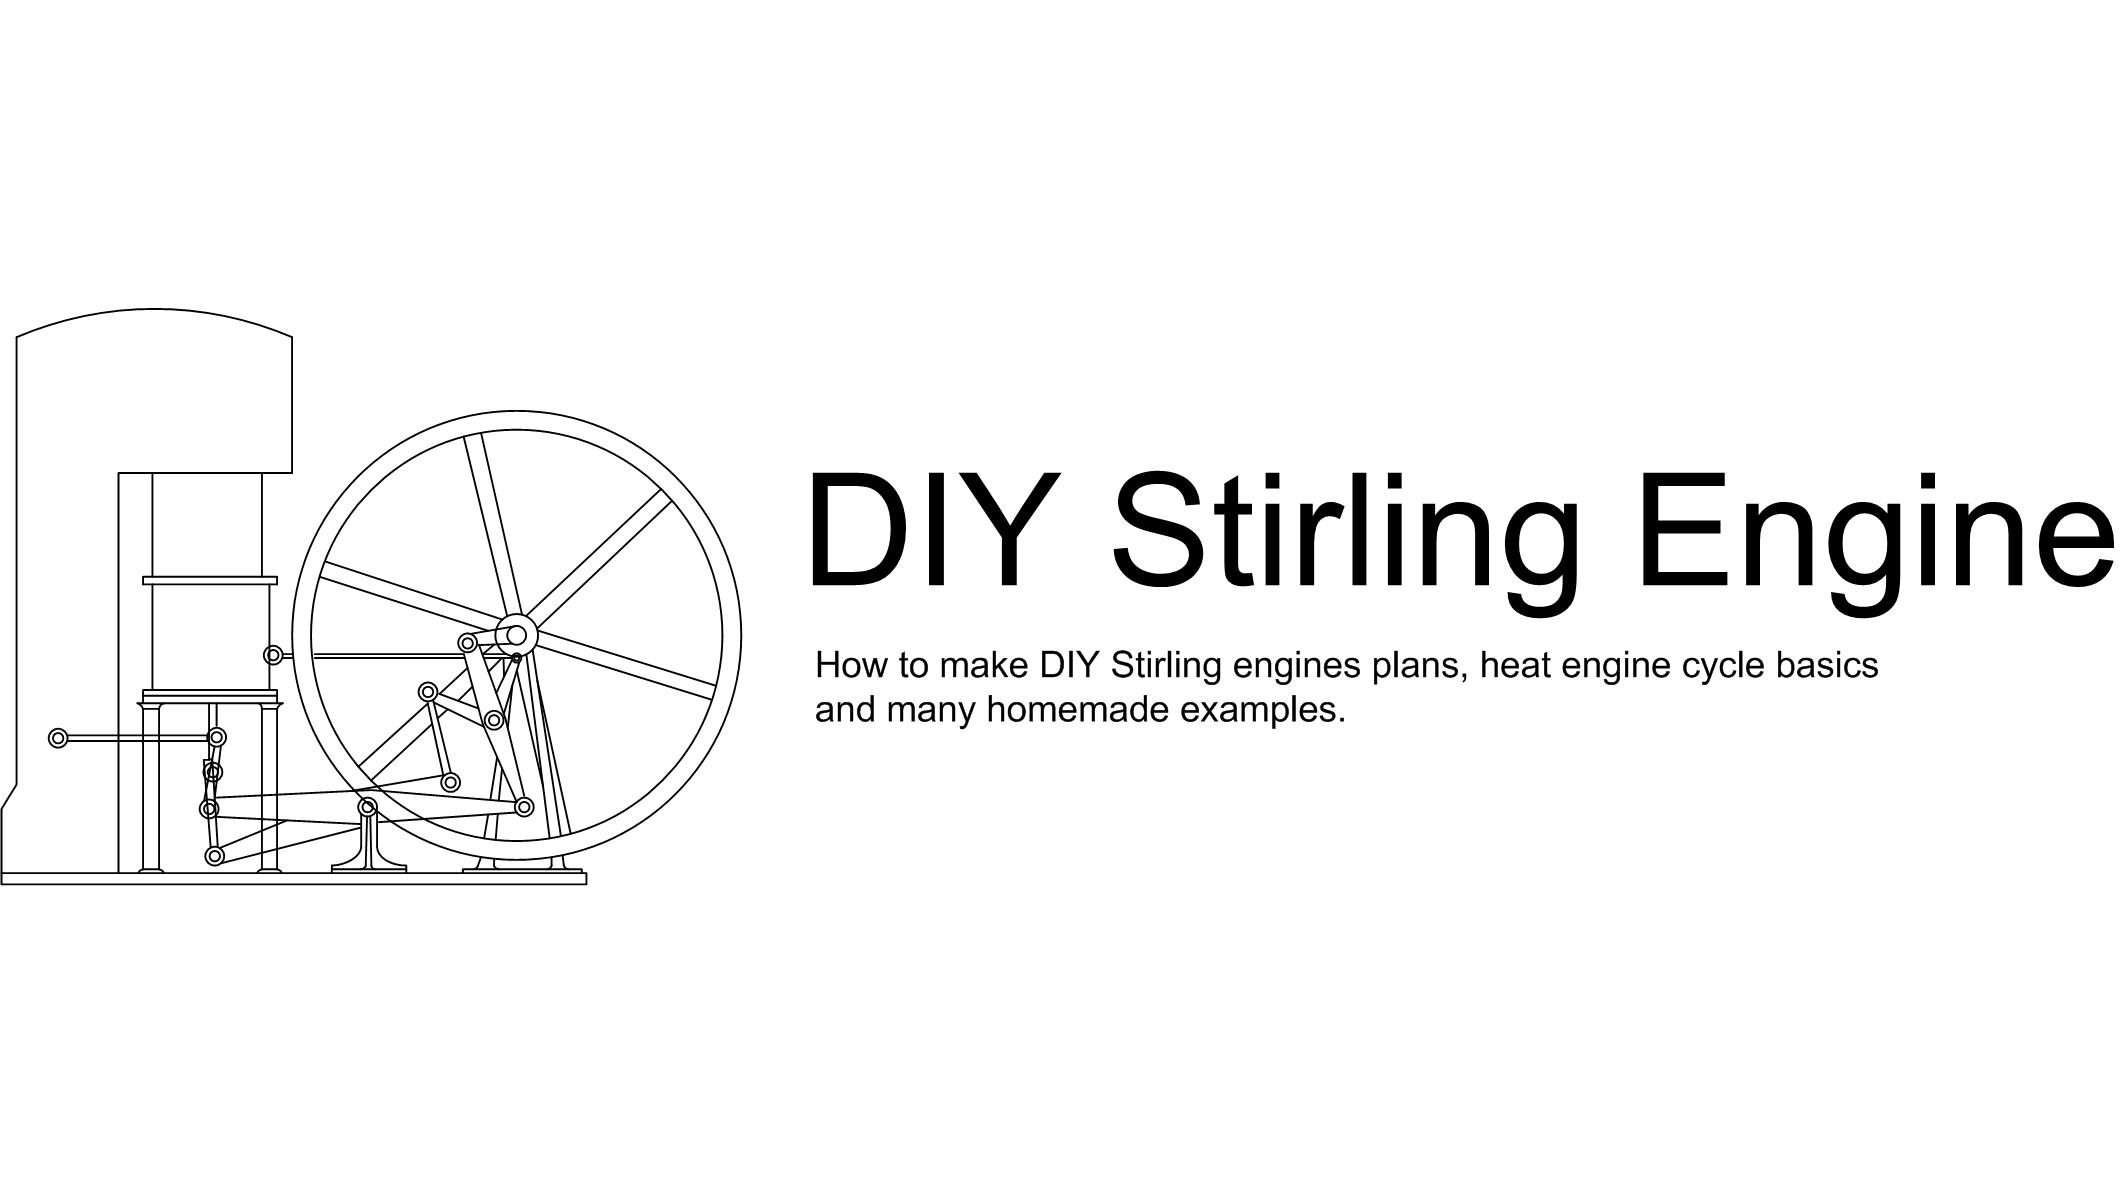 http://diystirlingengine.com/ Site header #StirlingEngine